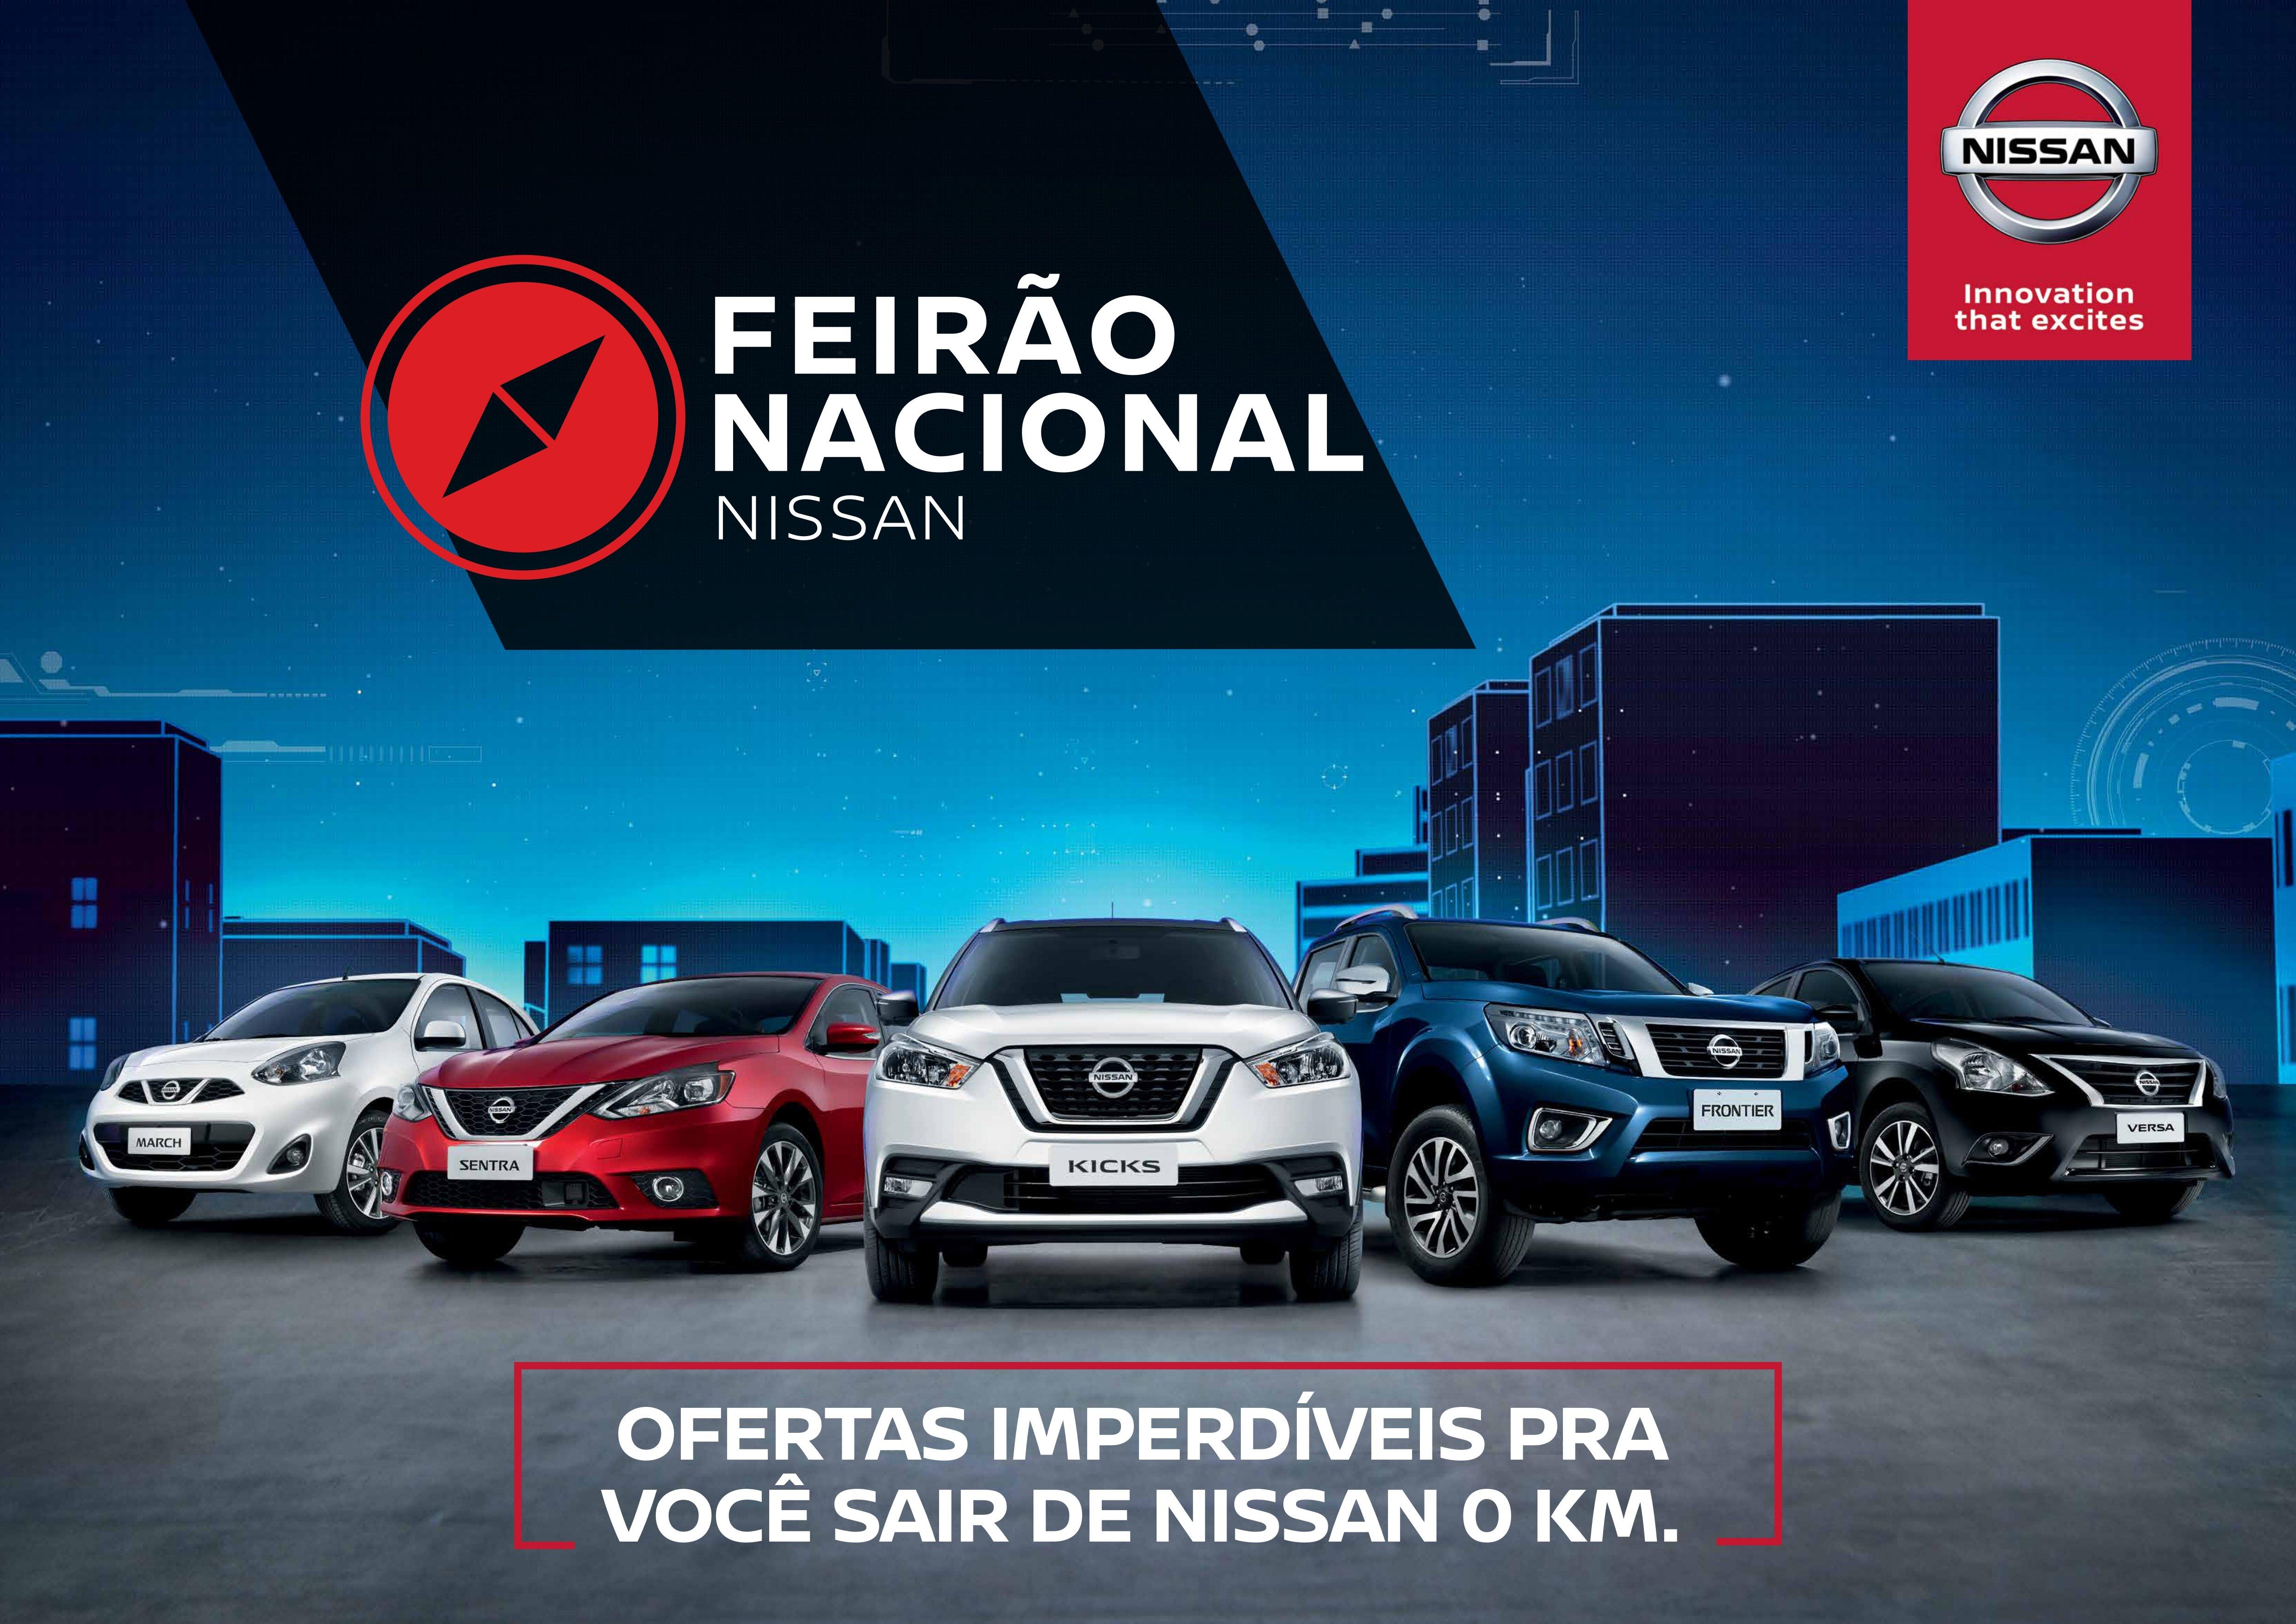 Feirão Nacional Nissan inicia nesta quarta: garanta seu carro zero com as maiores facilidades!